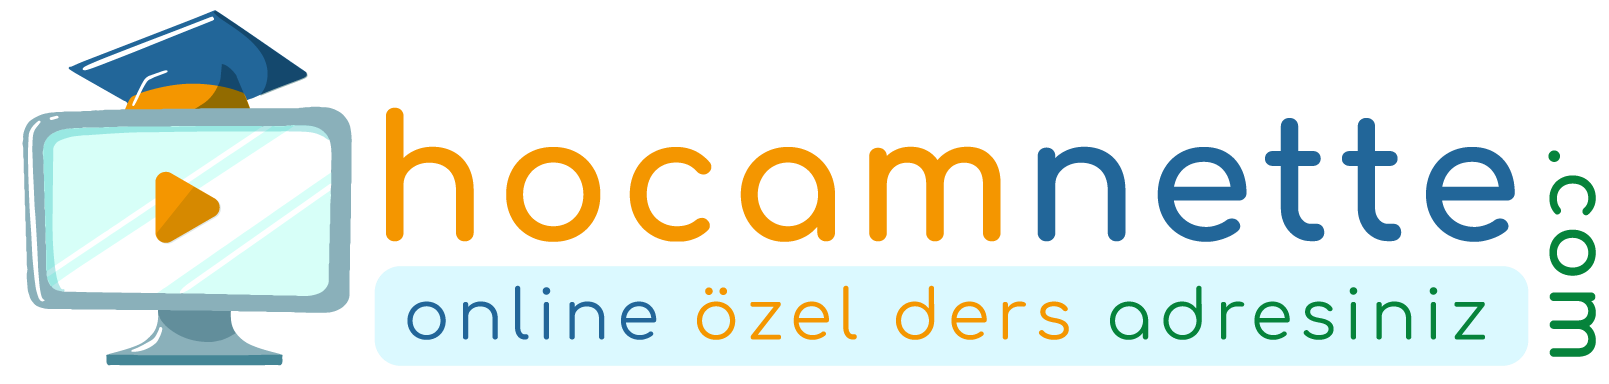 HocamNette.com